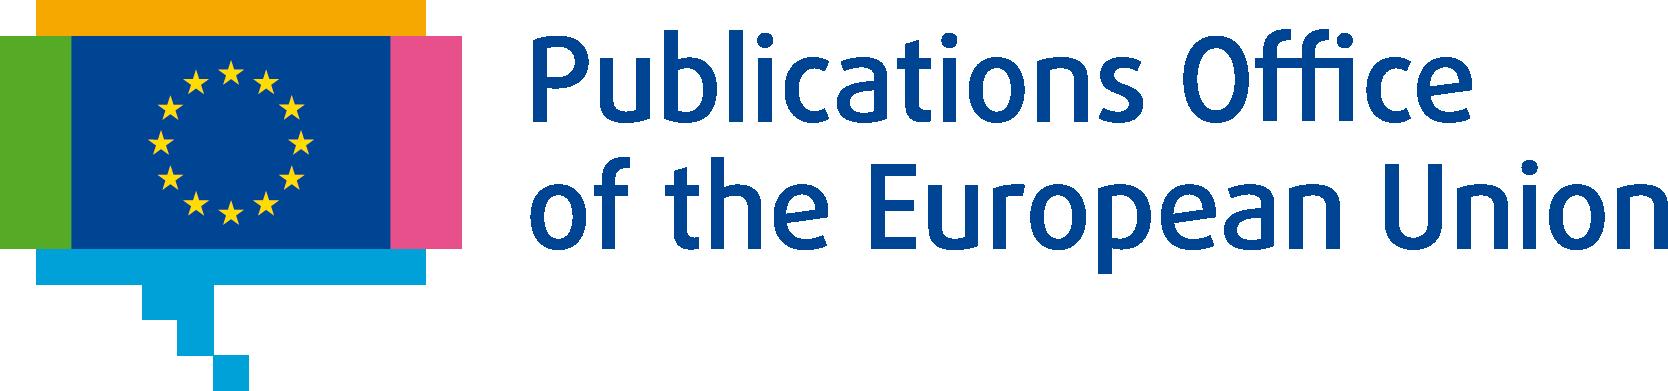 Λογότυπος Publications Office